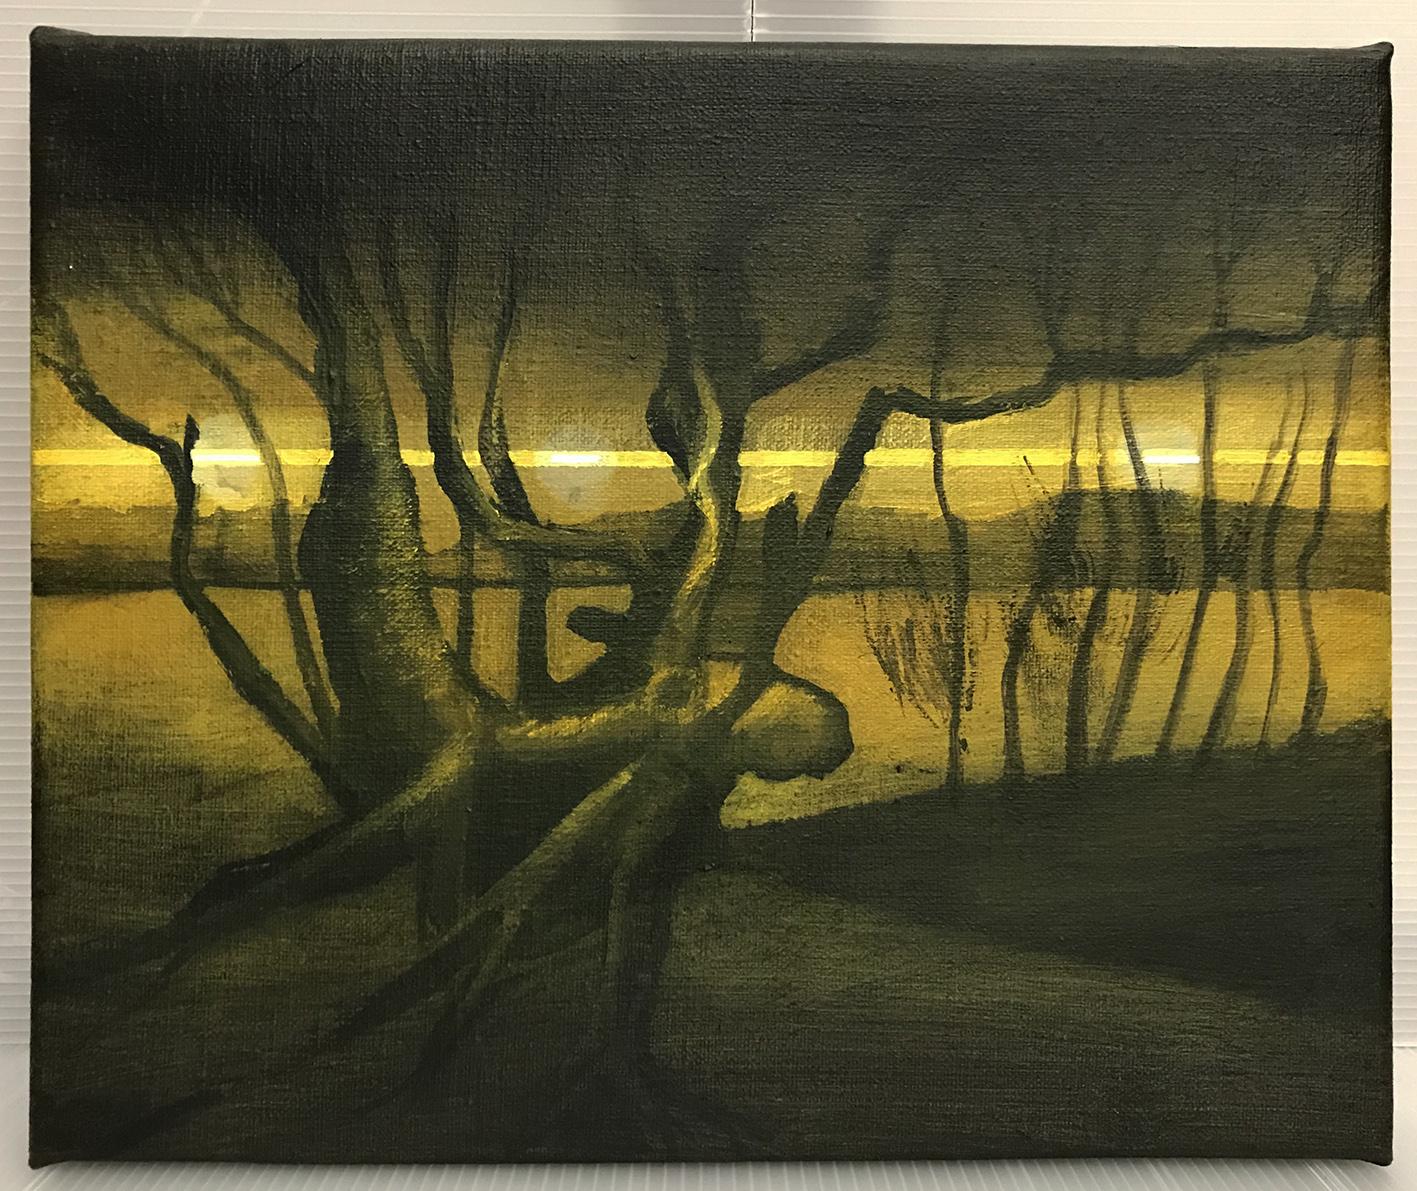 Vincent Land Gogh 9 (22x27cm) 2020